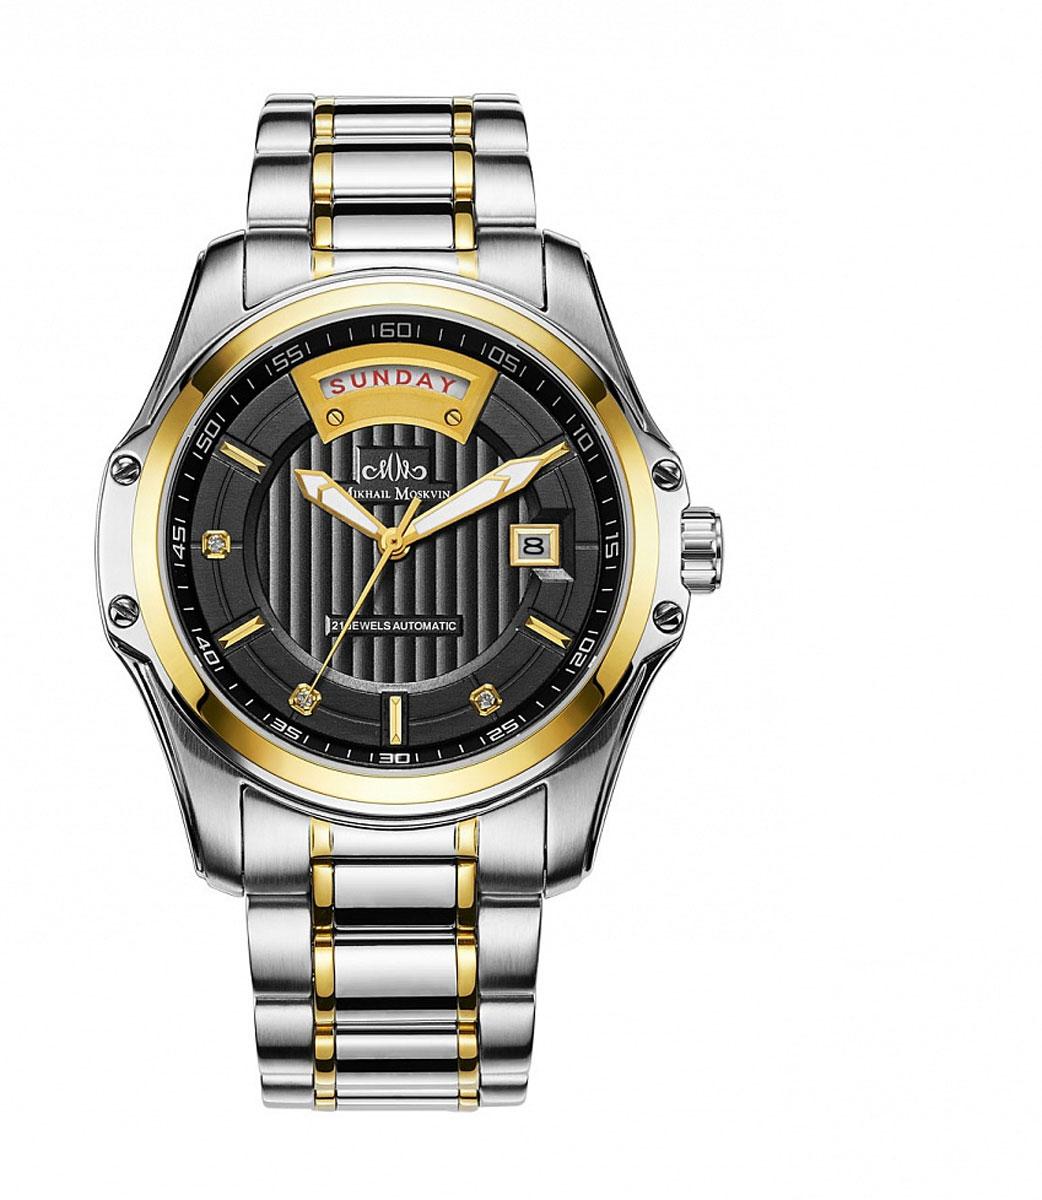 Наручные часы мужские Mikhail Moskvin, цвет: серебристый, золотой. 1218S4B31218S4B3Часы изготовлены из высокотехнологичной стали, оснащены механизмом с автоподзаводом. Обтекаемые формы и слегка загнутые ушки корпуса делают часы привлекательными и презентабельными.